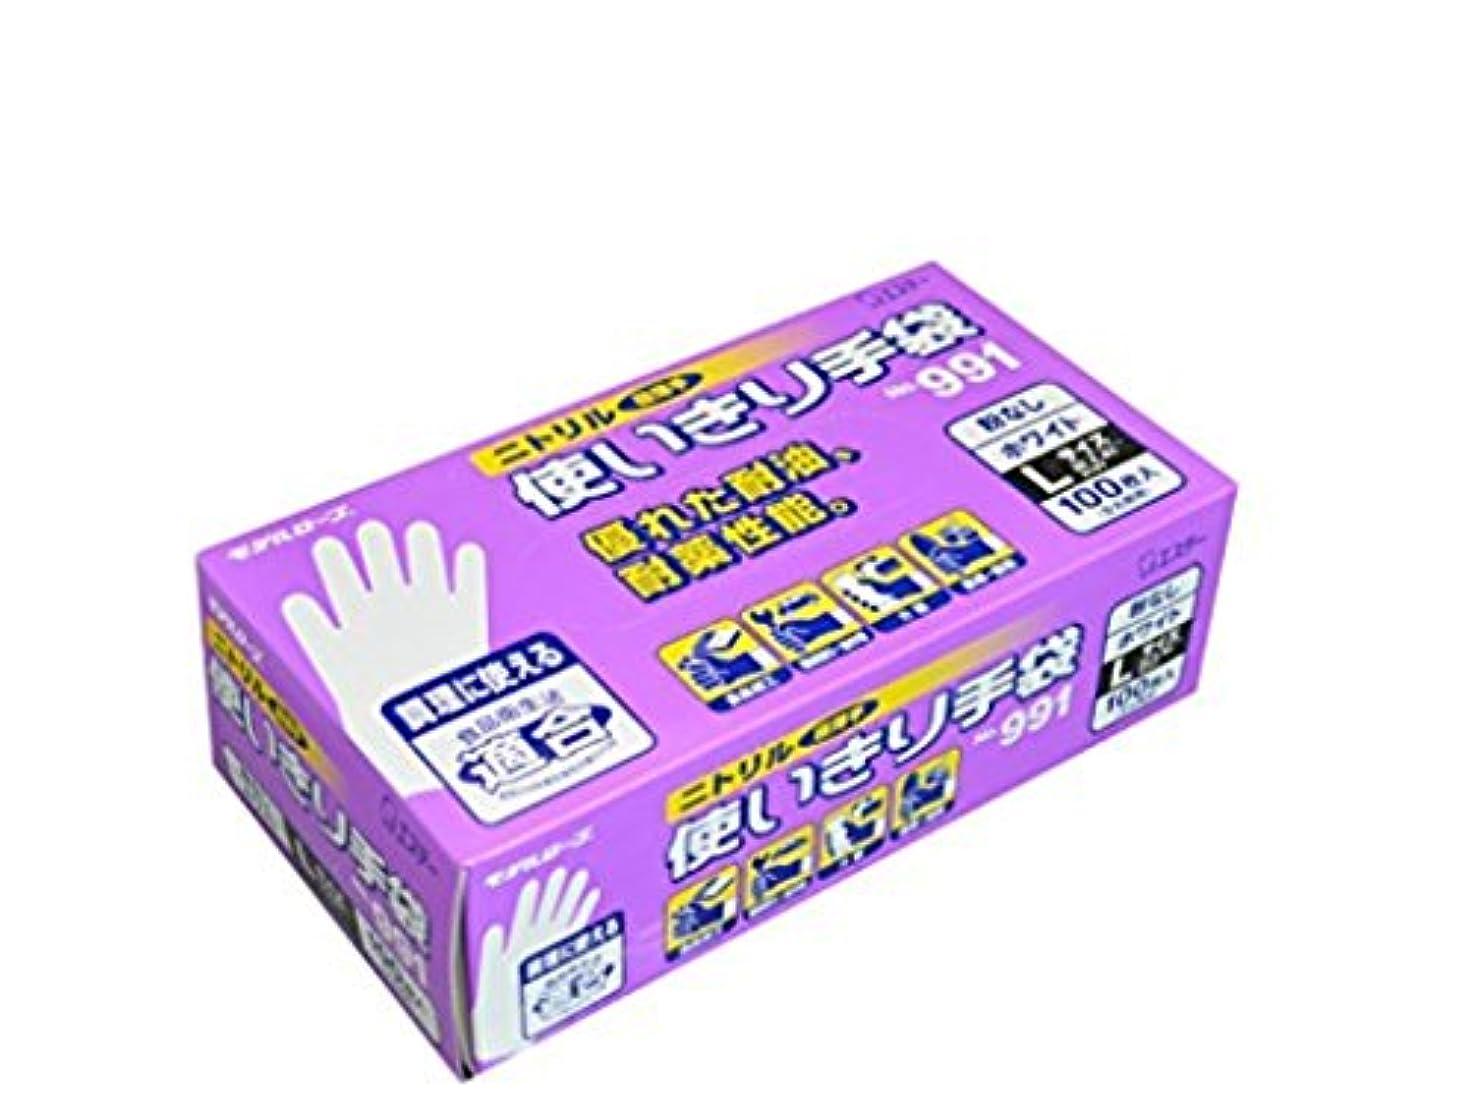 驚神ライナー(まとめ買い)エステー ニトリル使いきり手袋粉無No.991ホワイトL 100枚【×2セット】